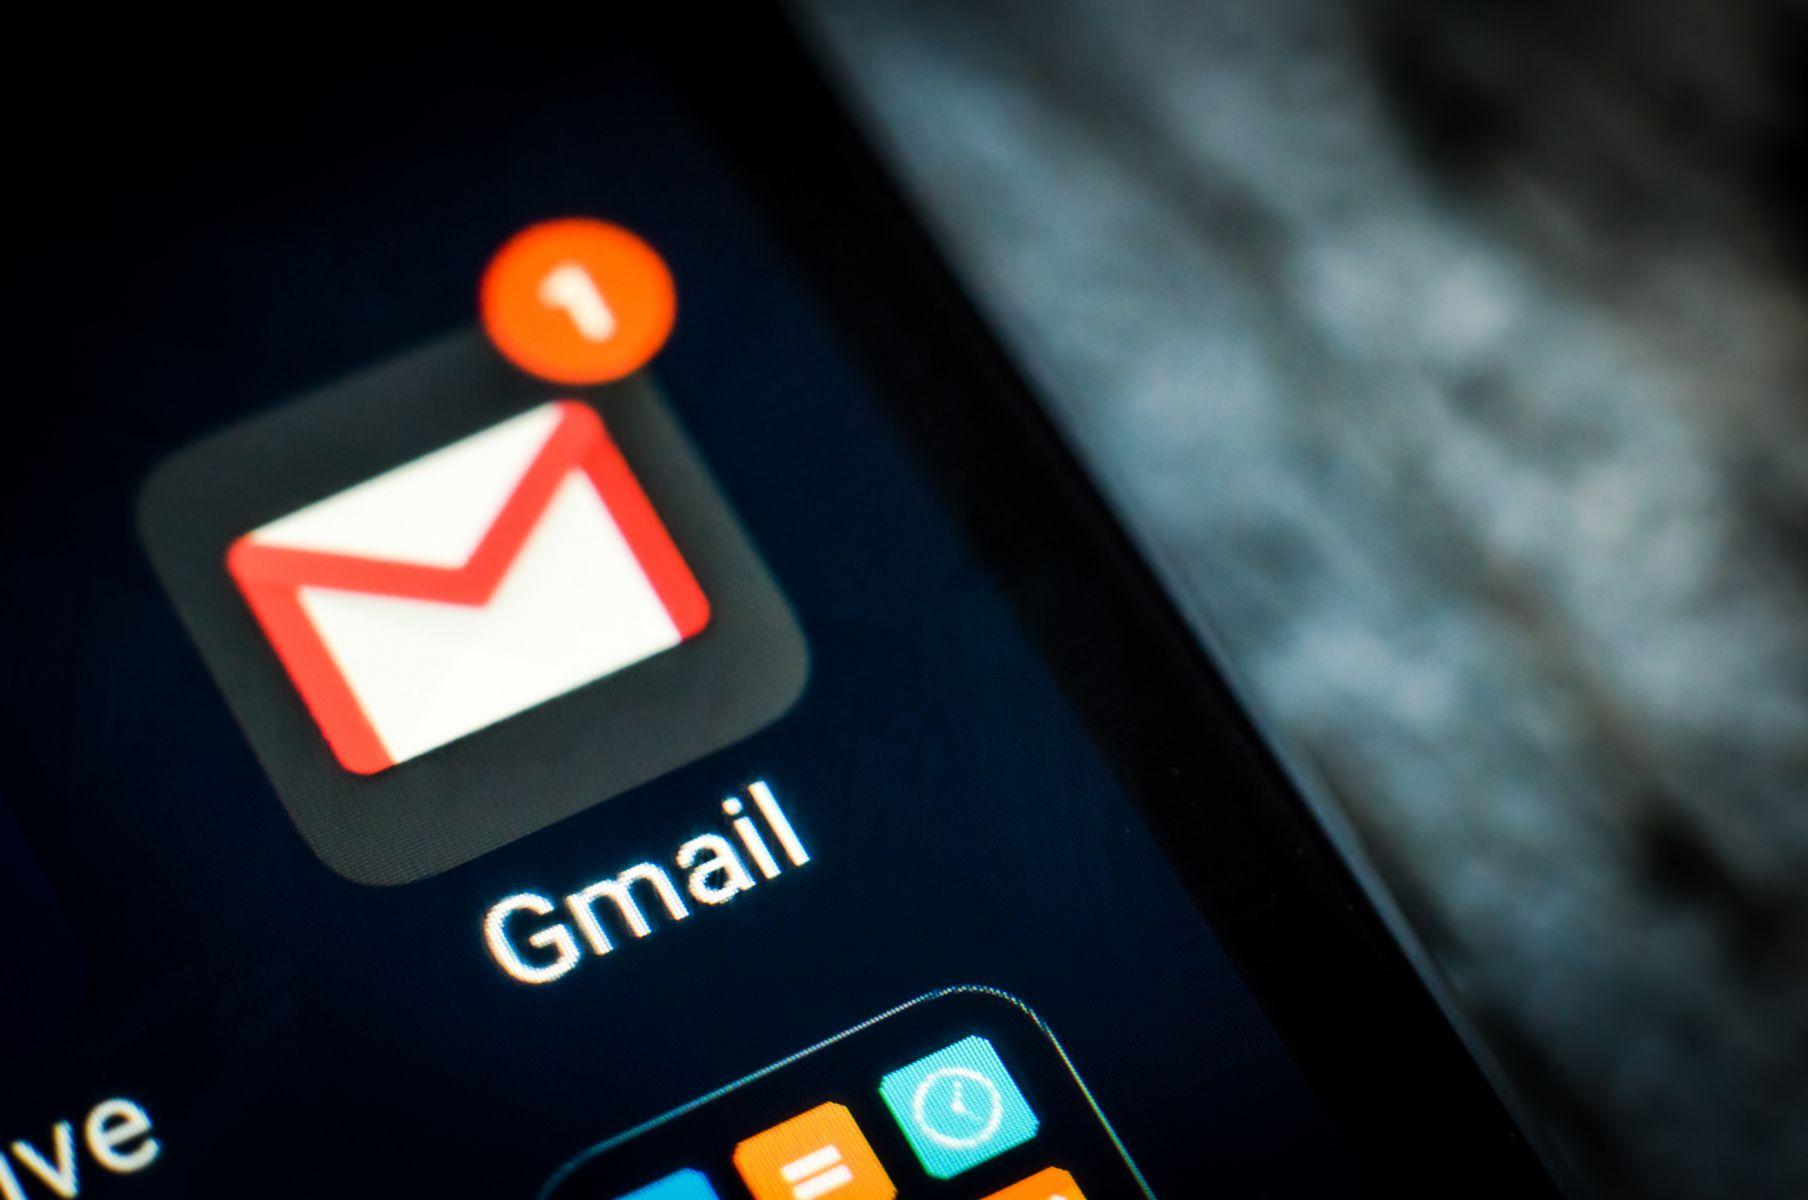 傳Gmail大開後門 第三方軟體開發商可看用戶信件